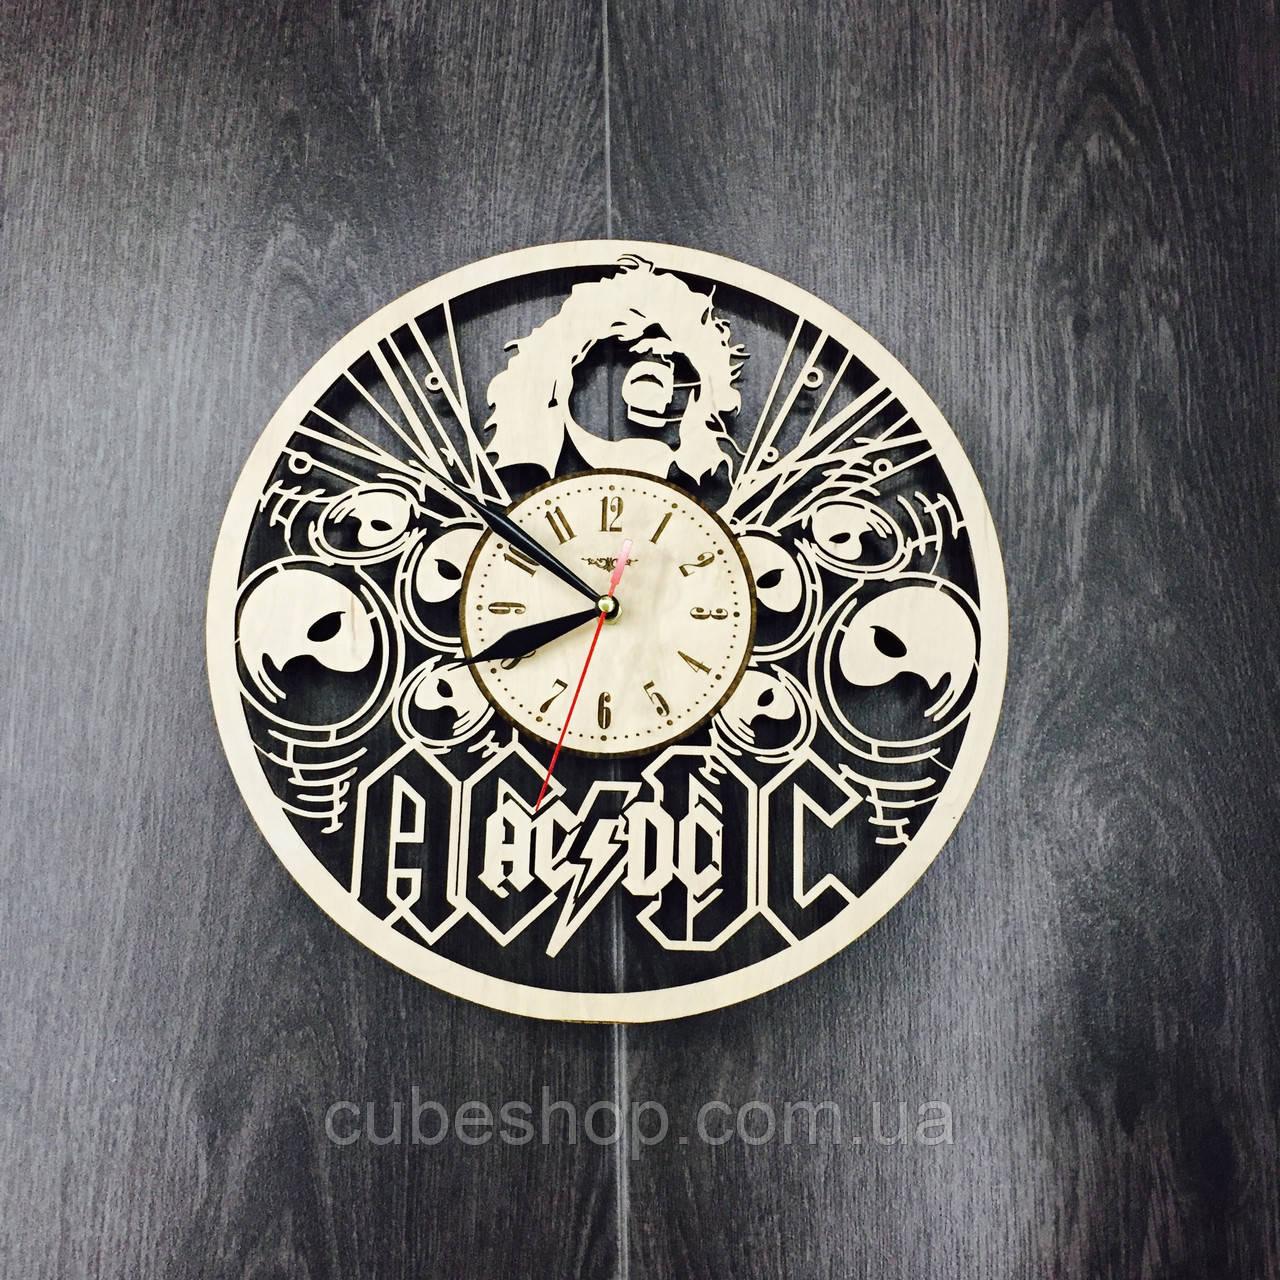 Деревянные настенные часы AC/DC